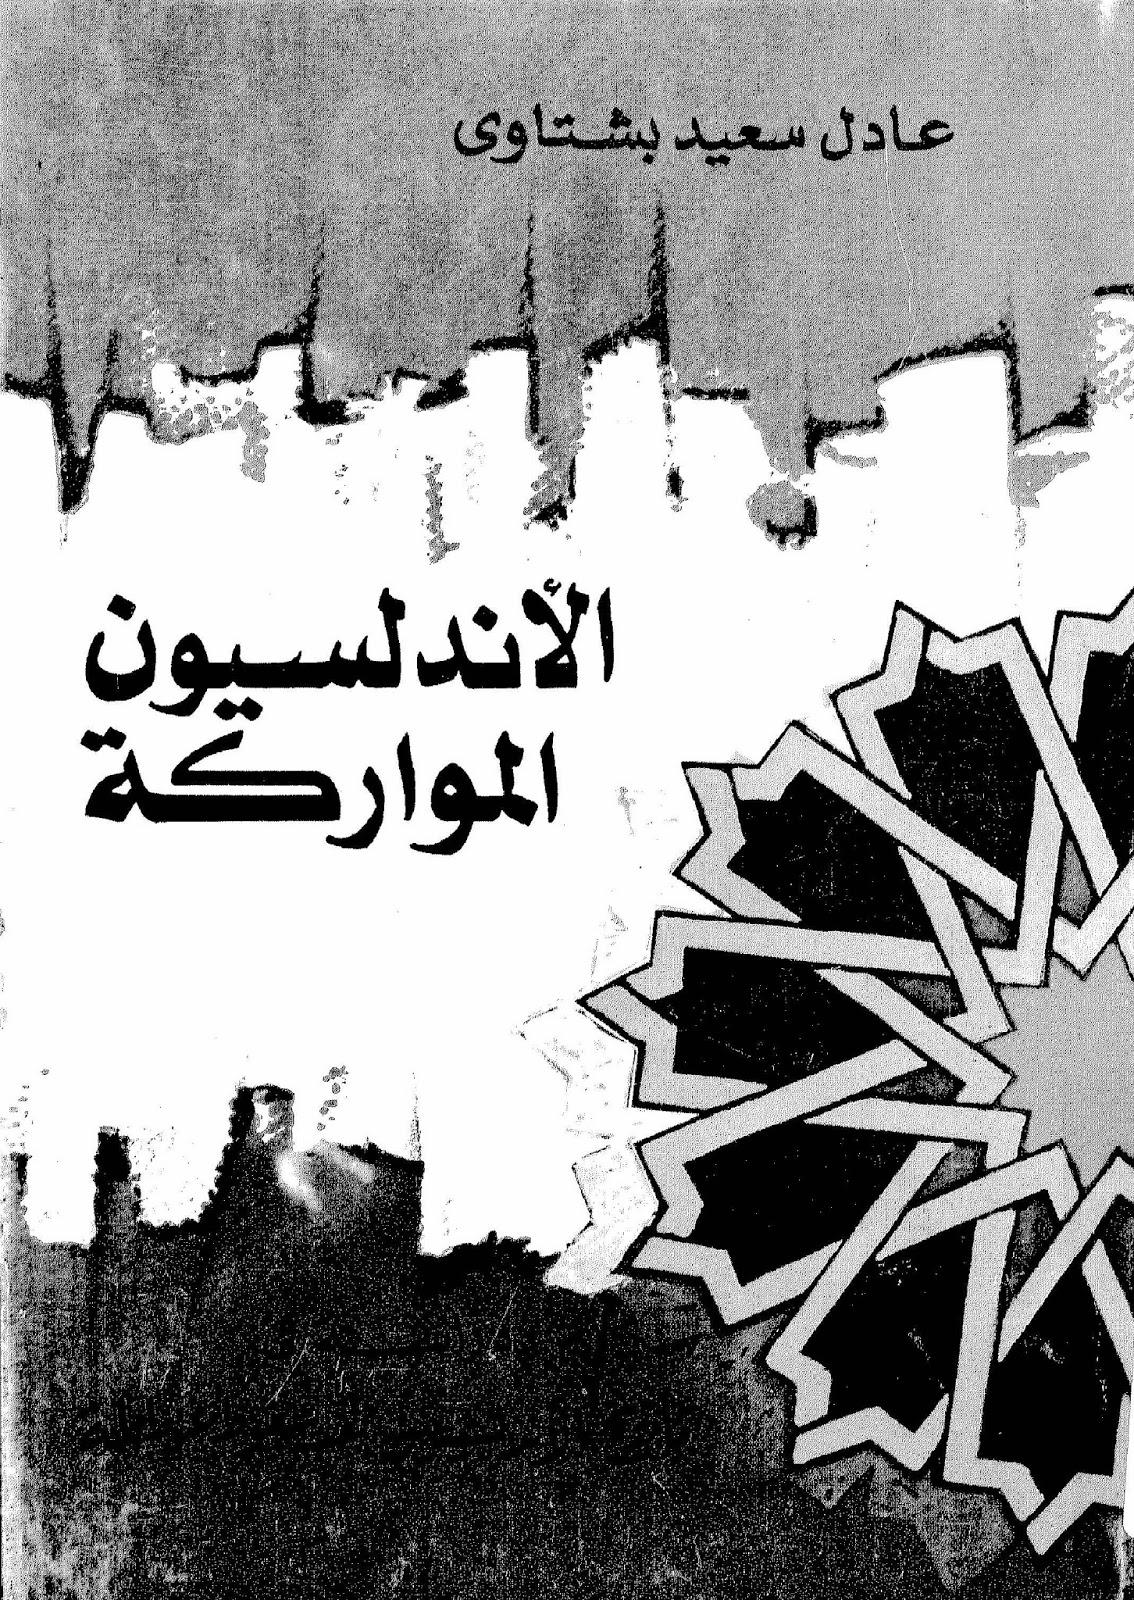 الأندلسيون المواركة لـ عادل سعيد بشتاوي